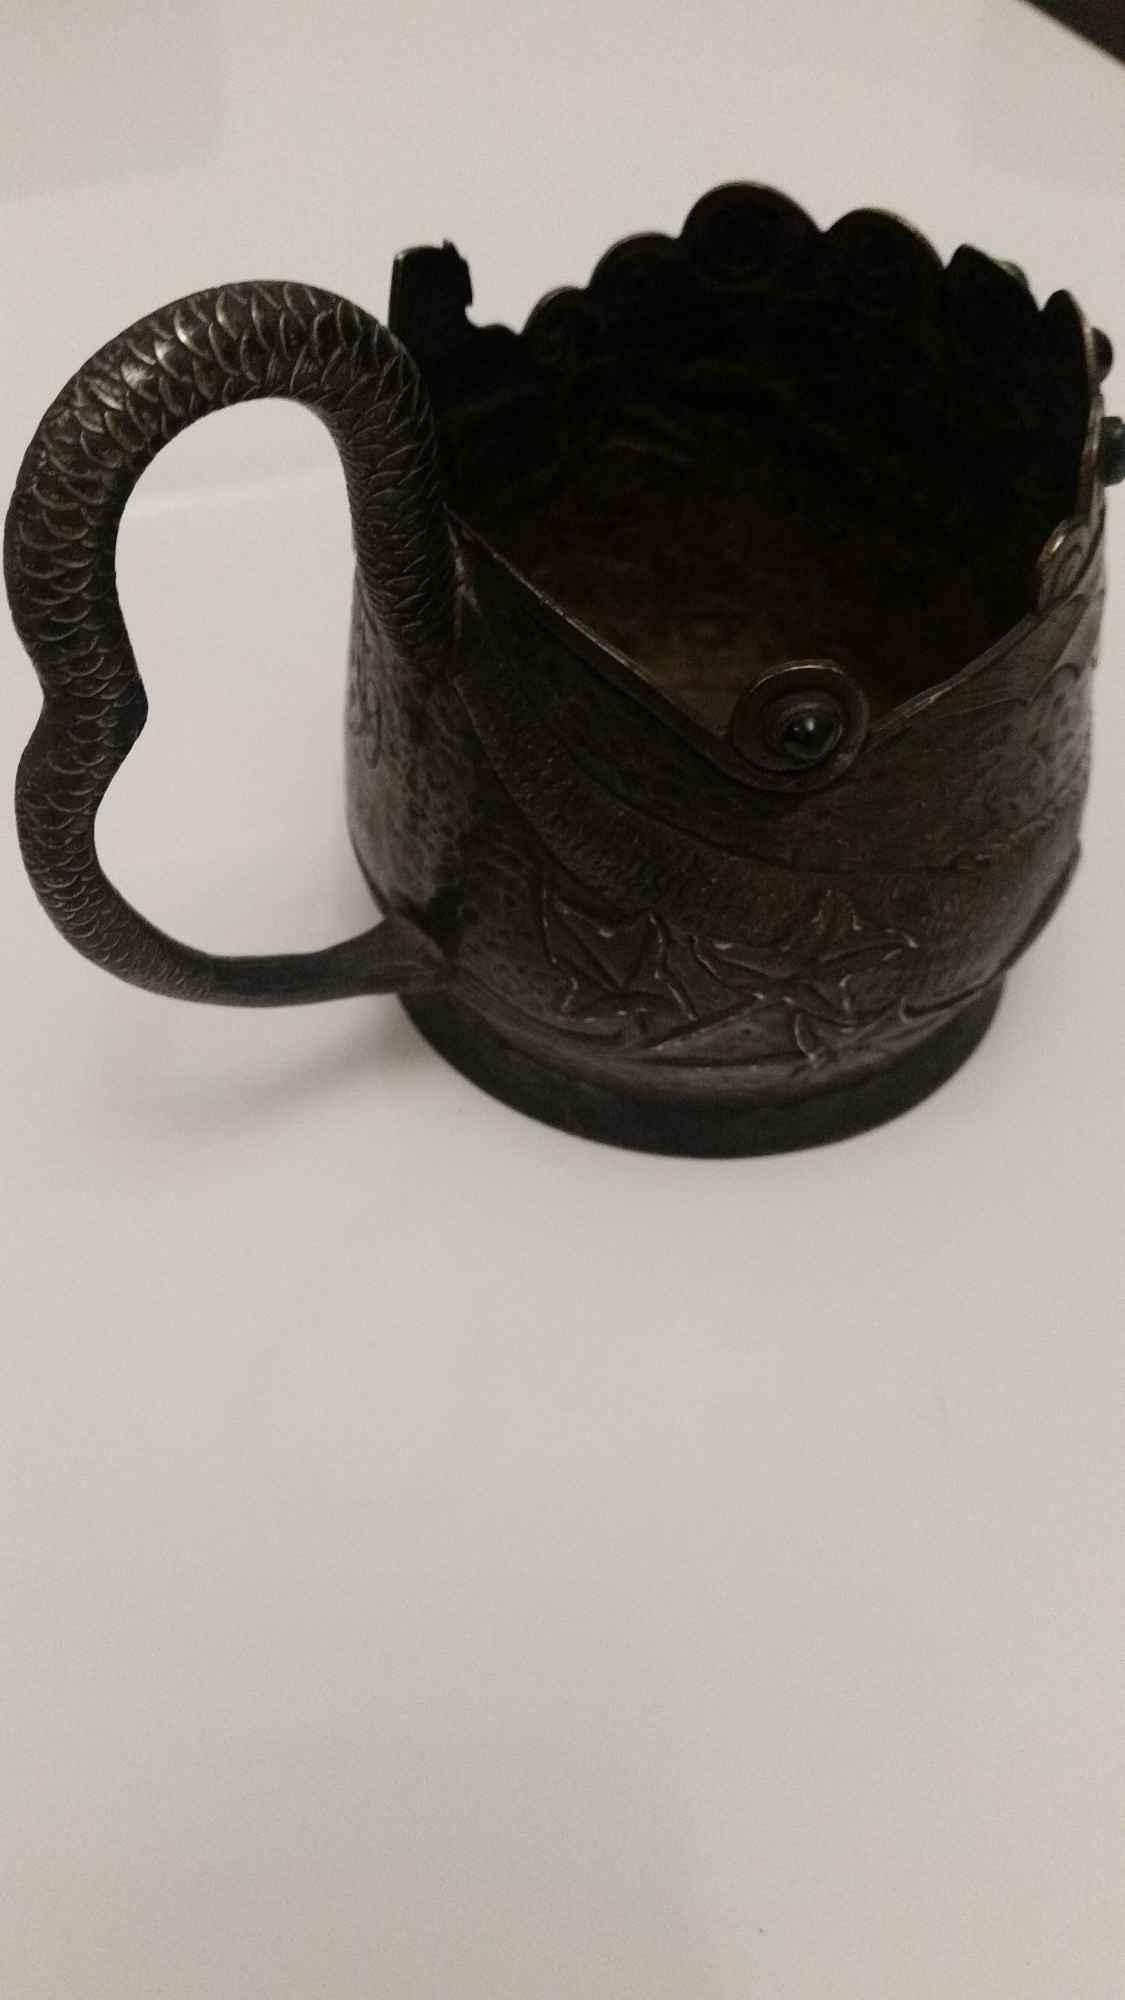 srebrna czara z  wizerunkiem  smoka z  19  wieku Orzesze - zdjęcie 4